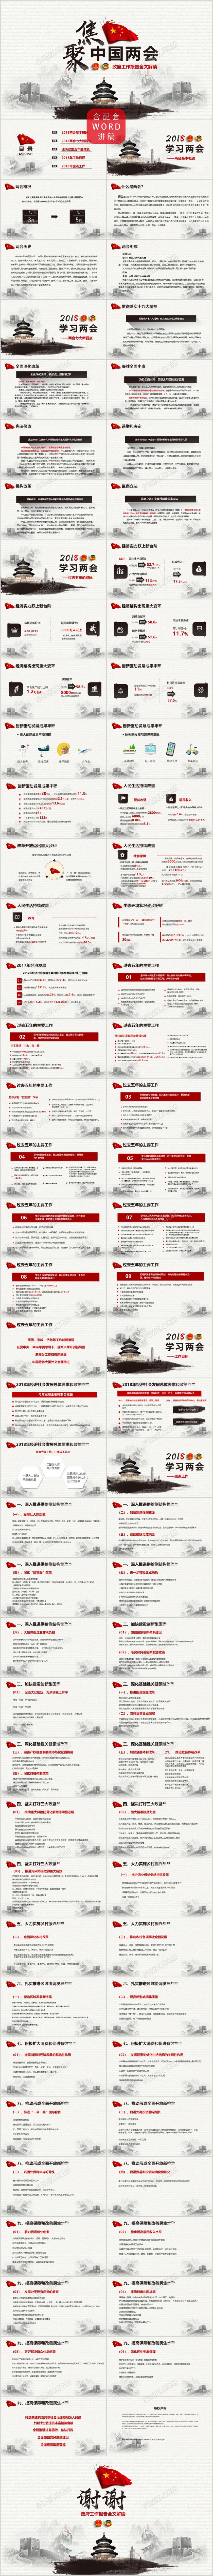 廉洁素白水墨风聚焦中国两会党课党建PPT模版